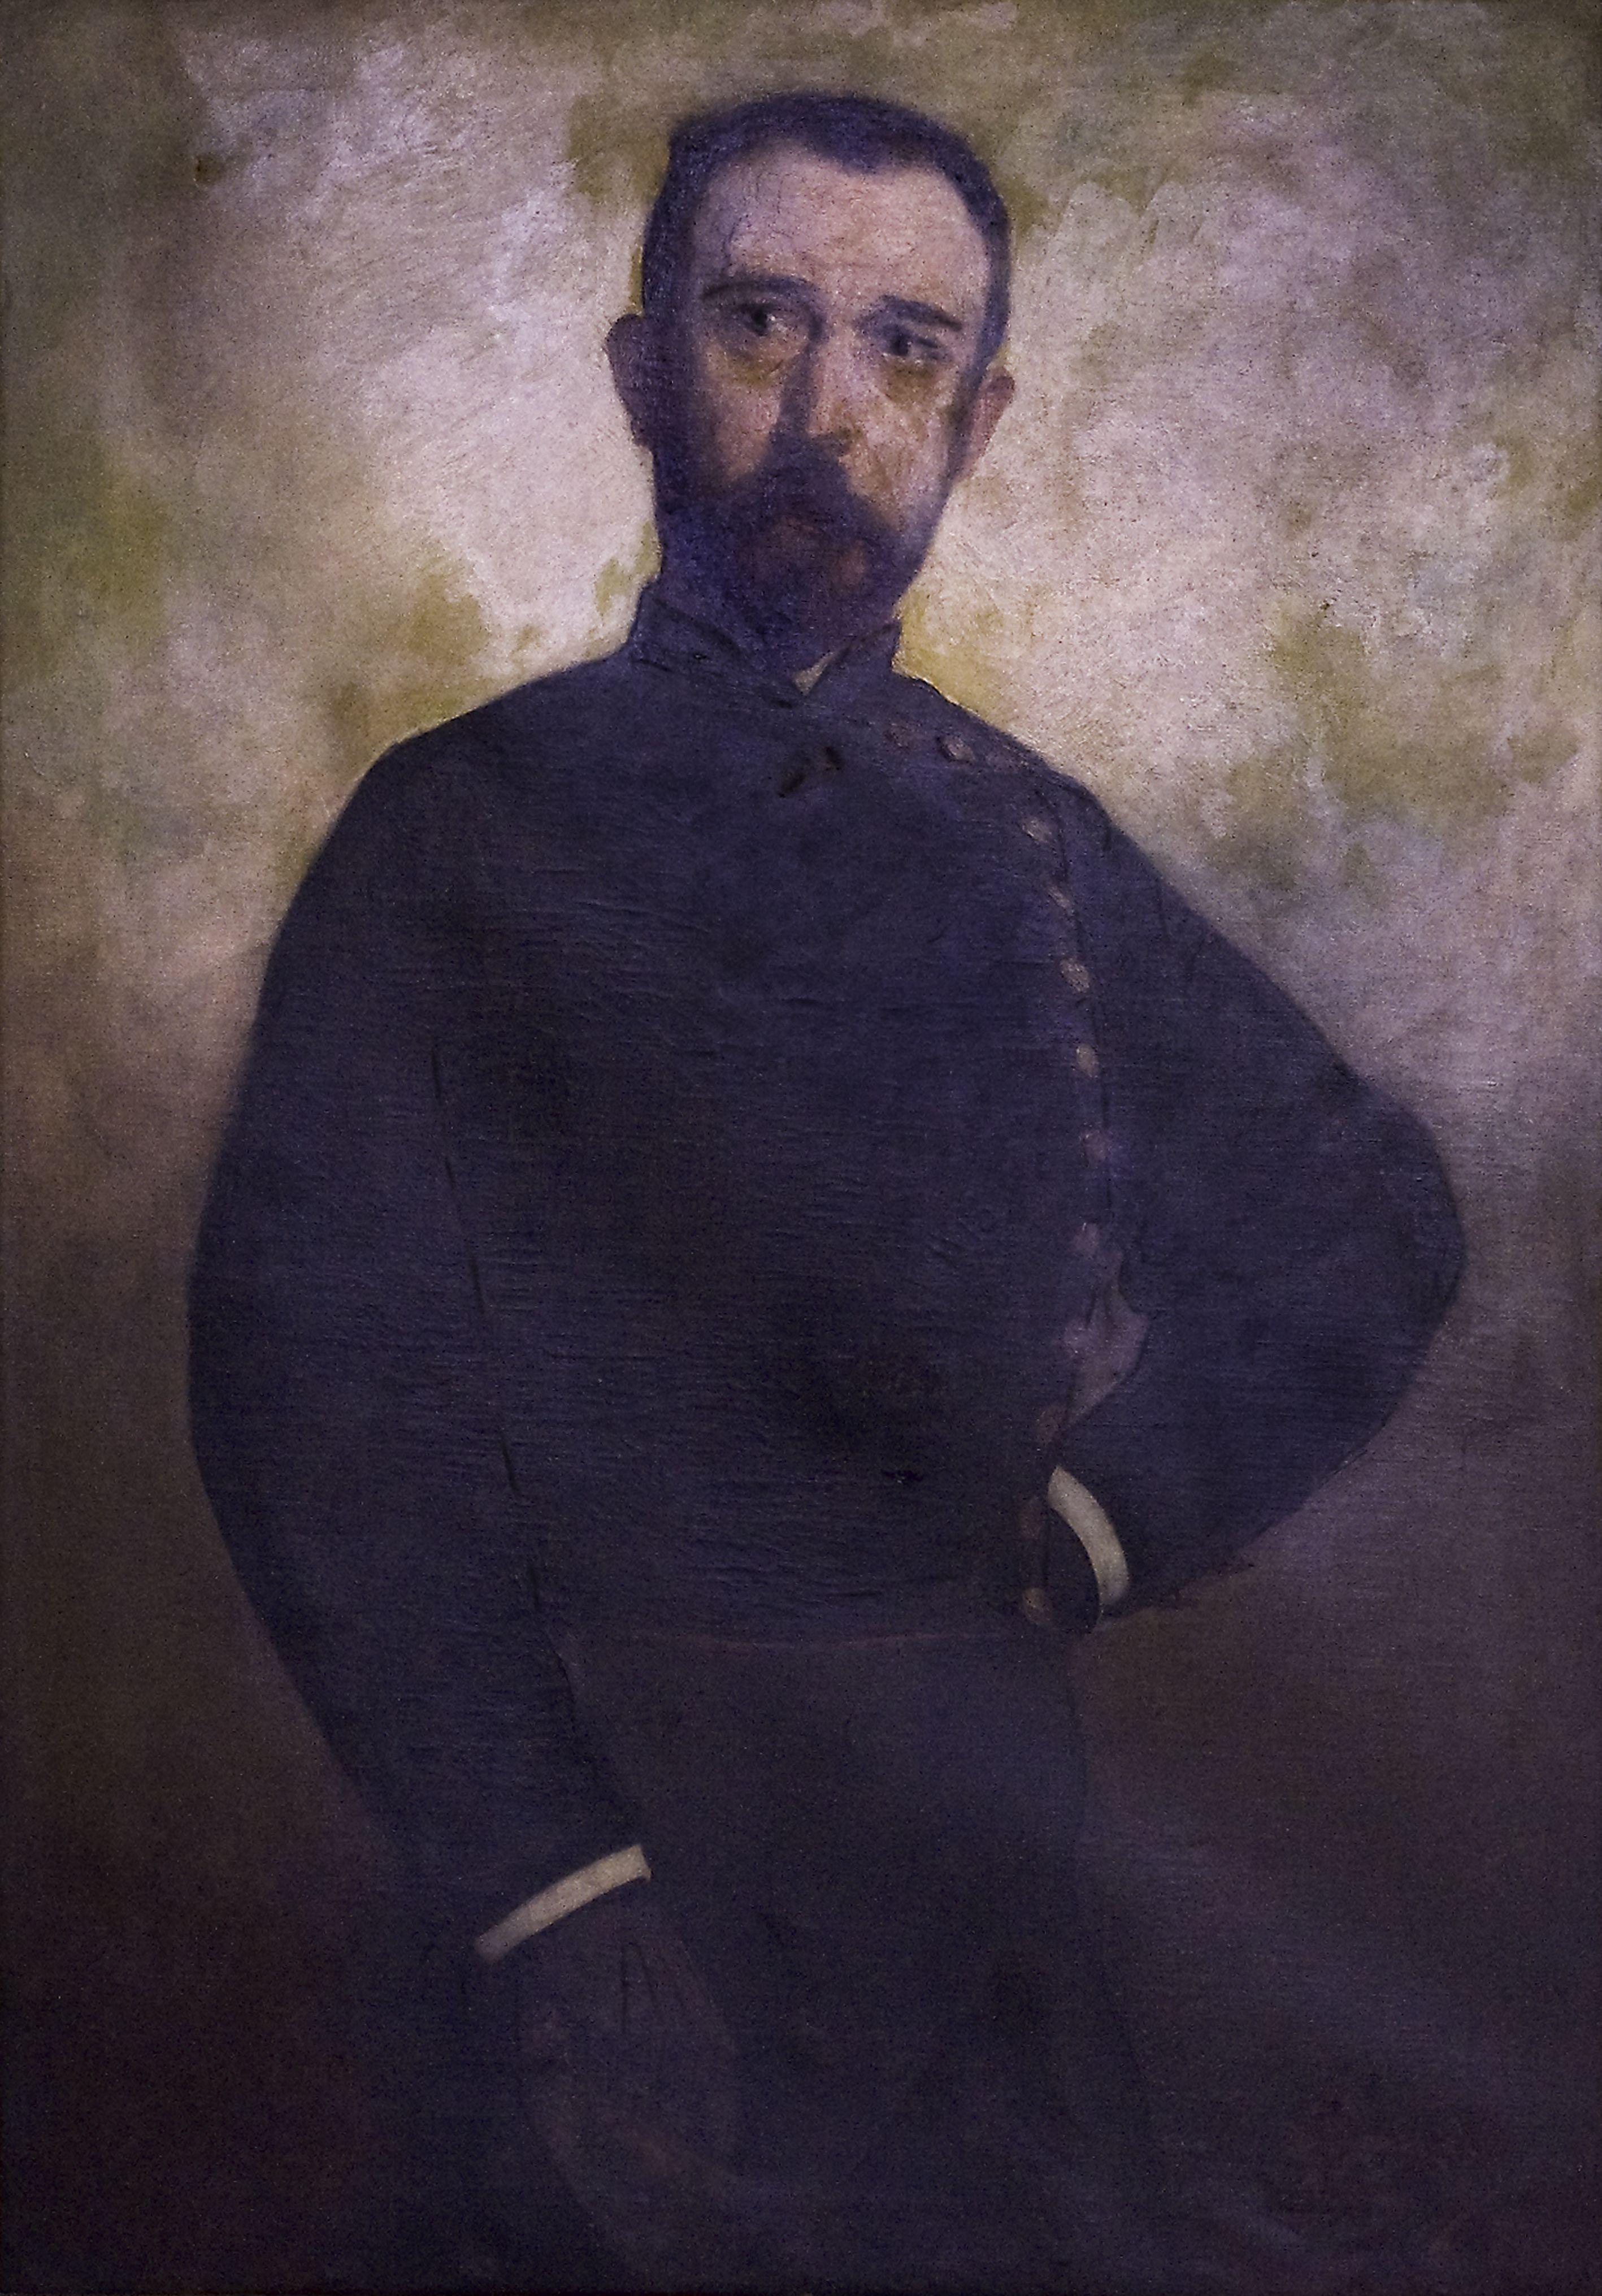 Retrat del Sr. Bea, mestre d'esgrima de Josep Cuchy.